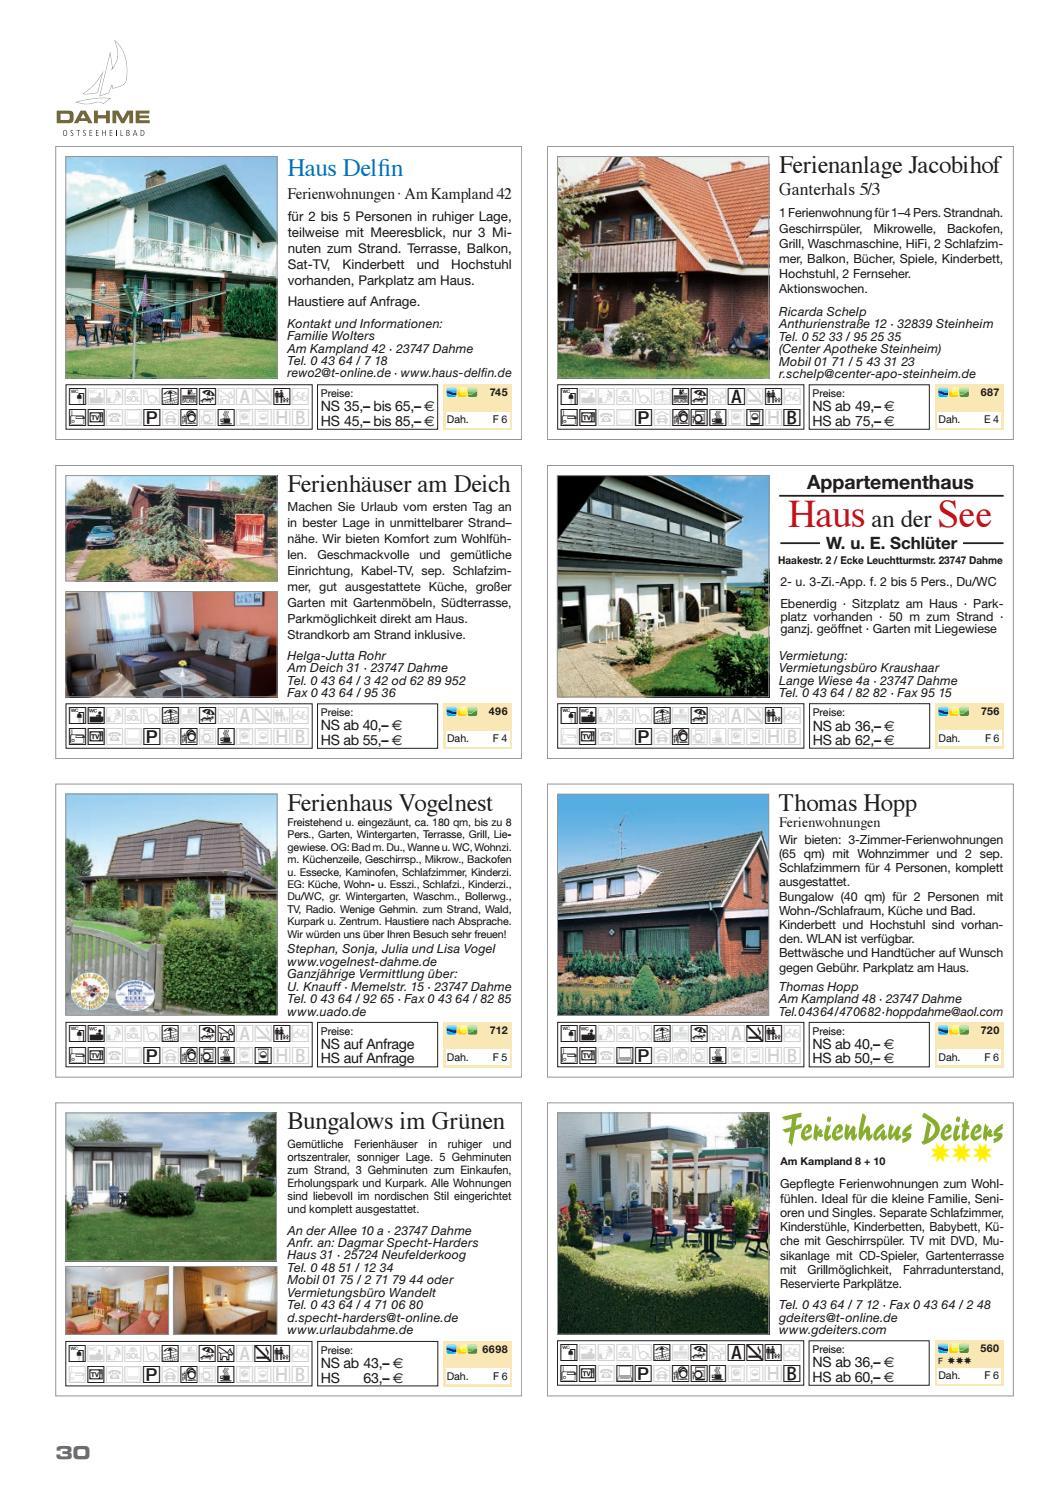 Gemütlich Haus Und Garten Küche Und Bad App Bilder   Küchen Ideen .